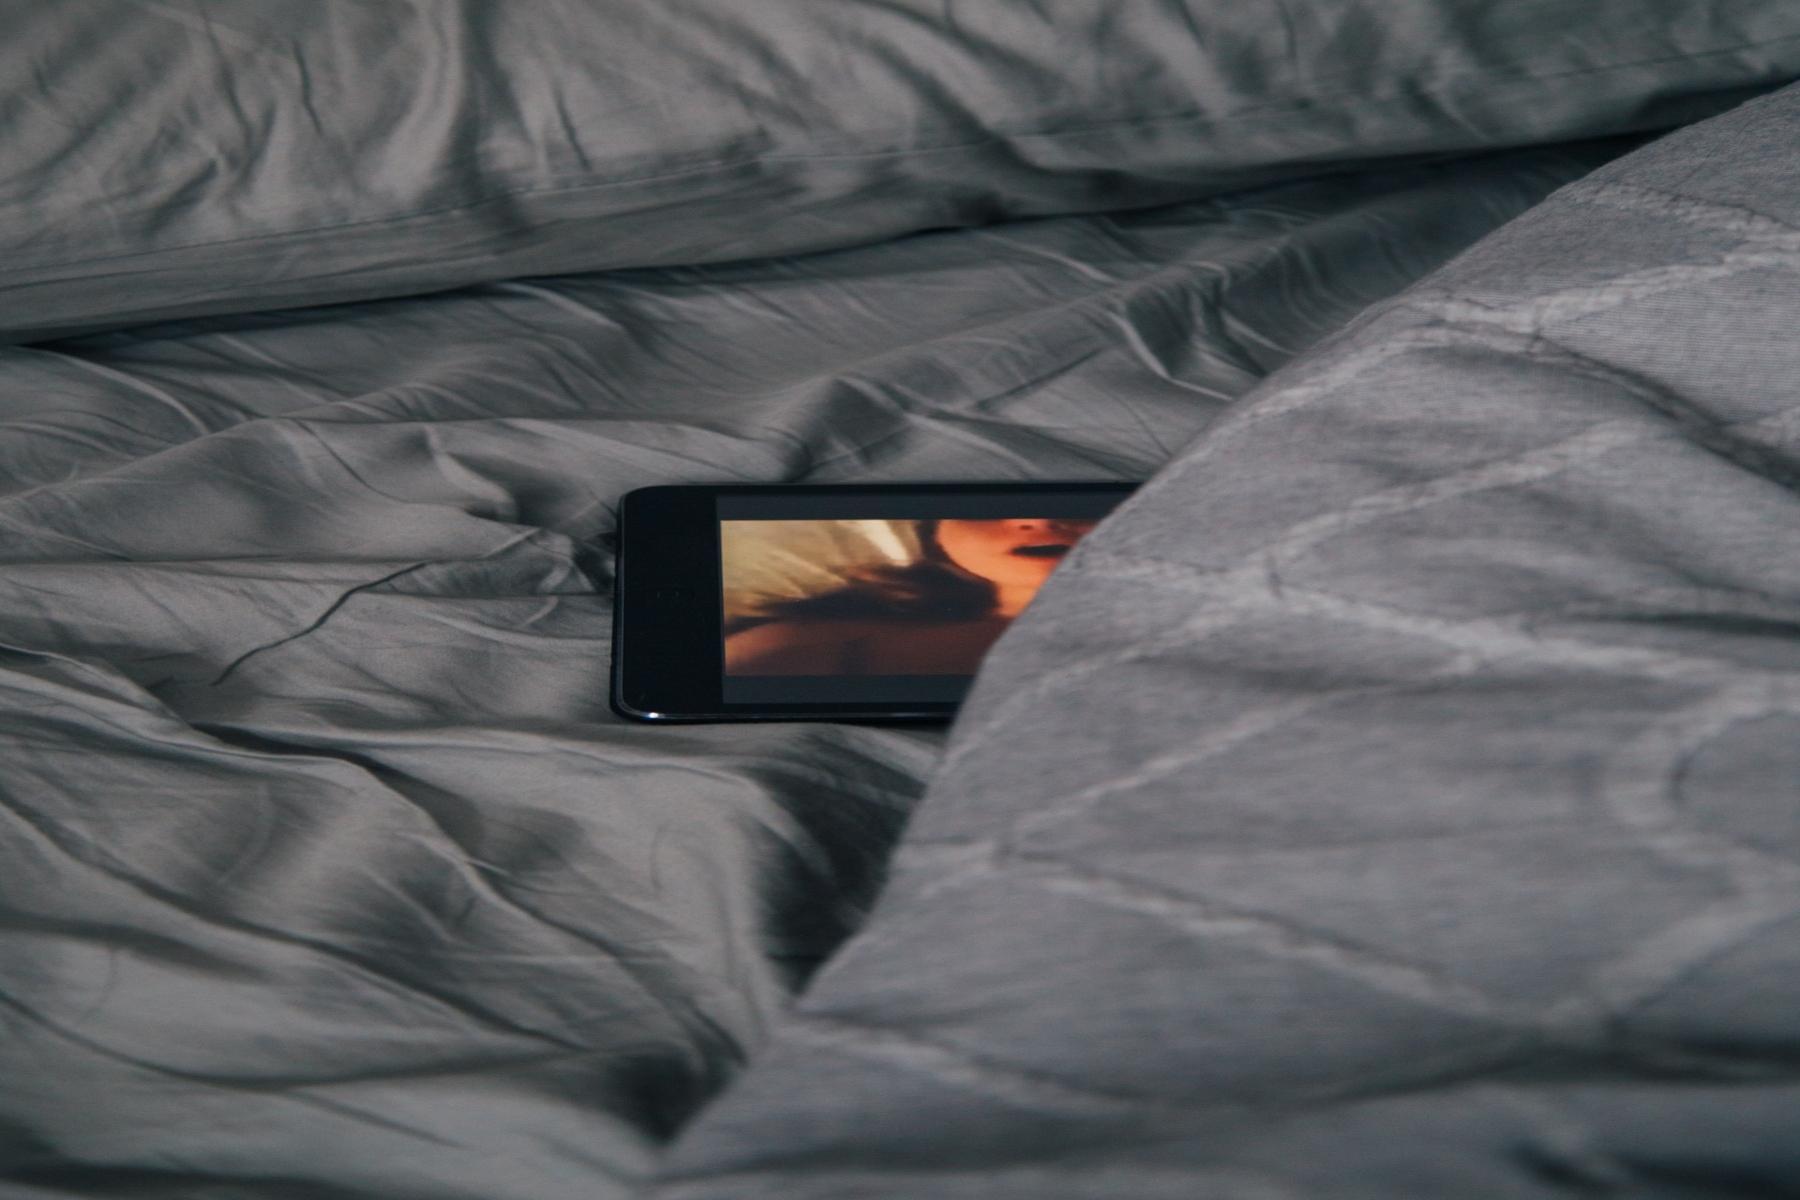 Ερωτικές ταινίες: 5 λόγοι για να αναθεωρήσετε την σχέση σας με την παρακολούθησή τους